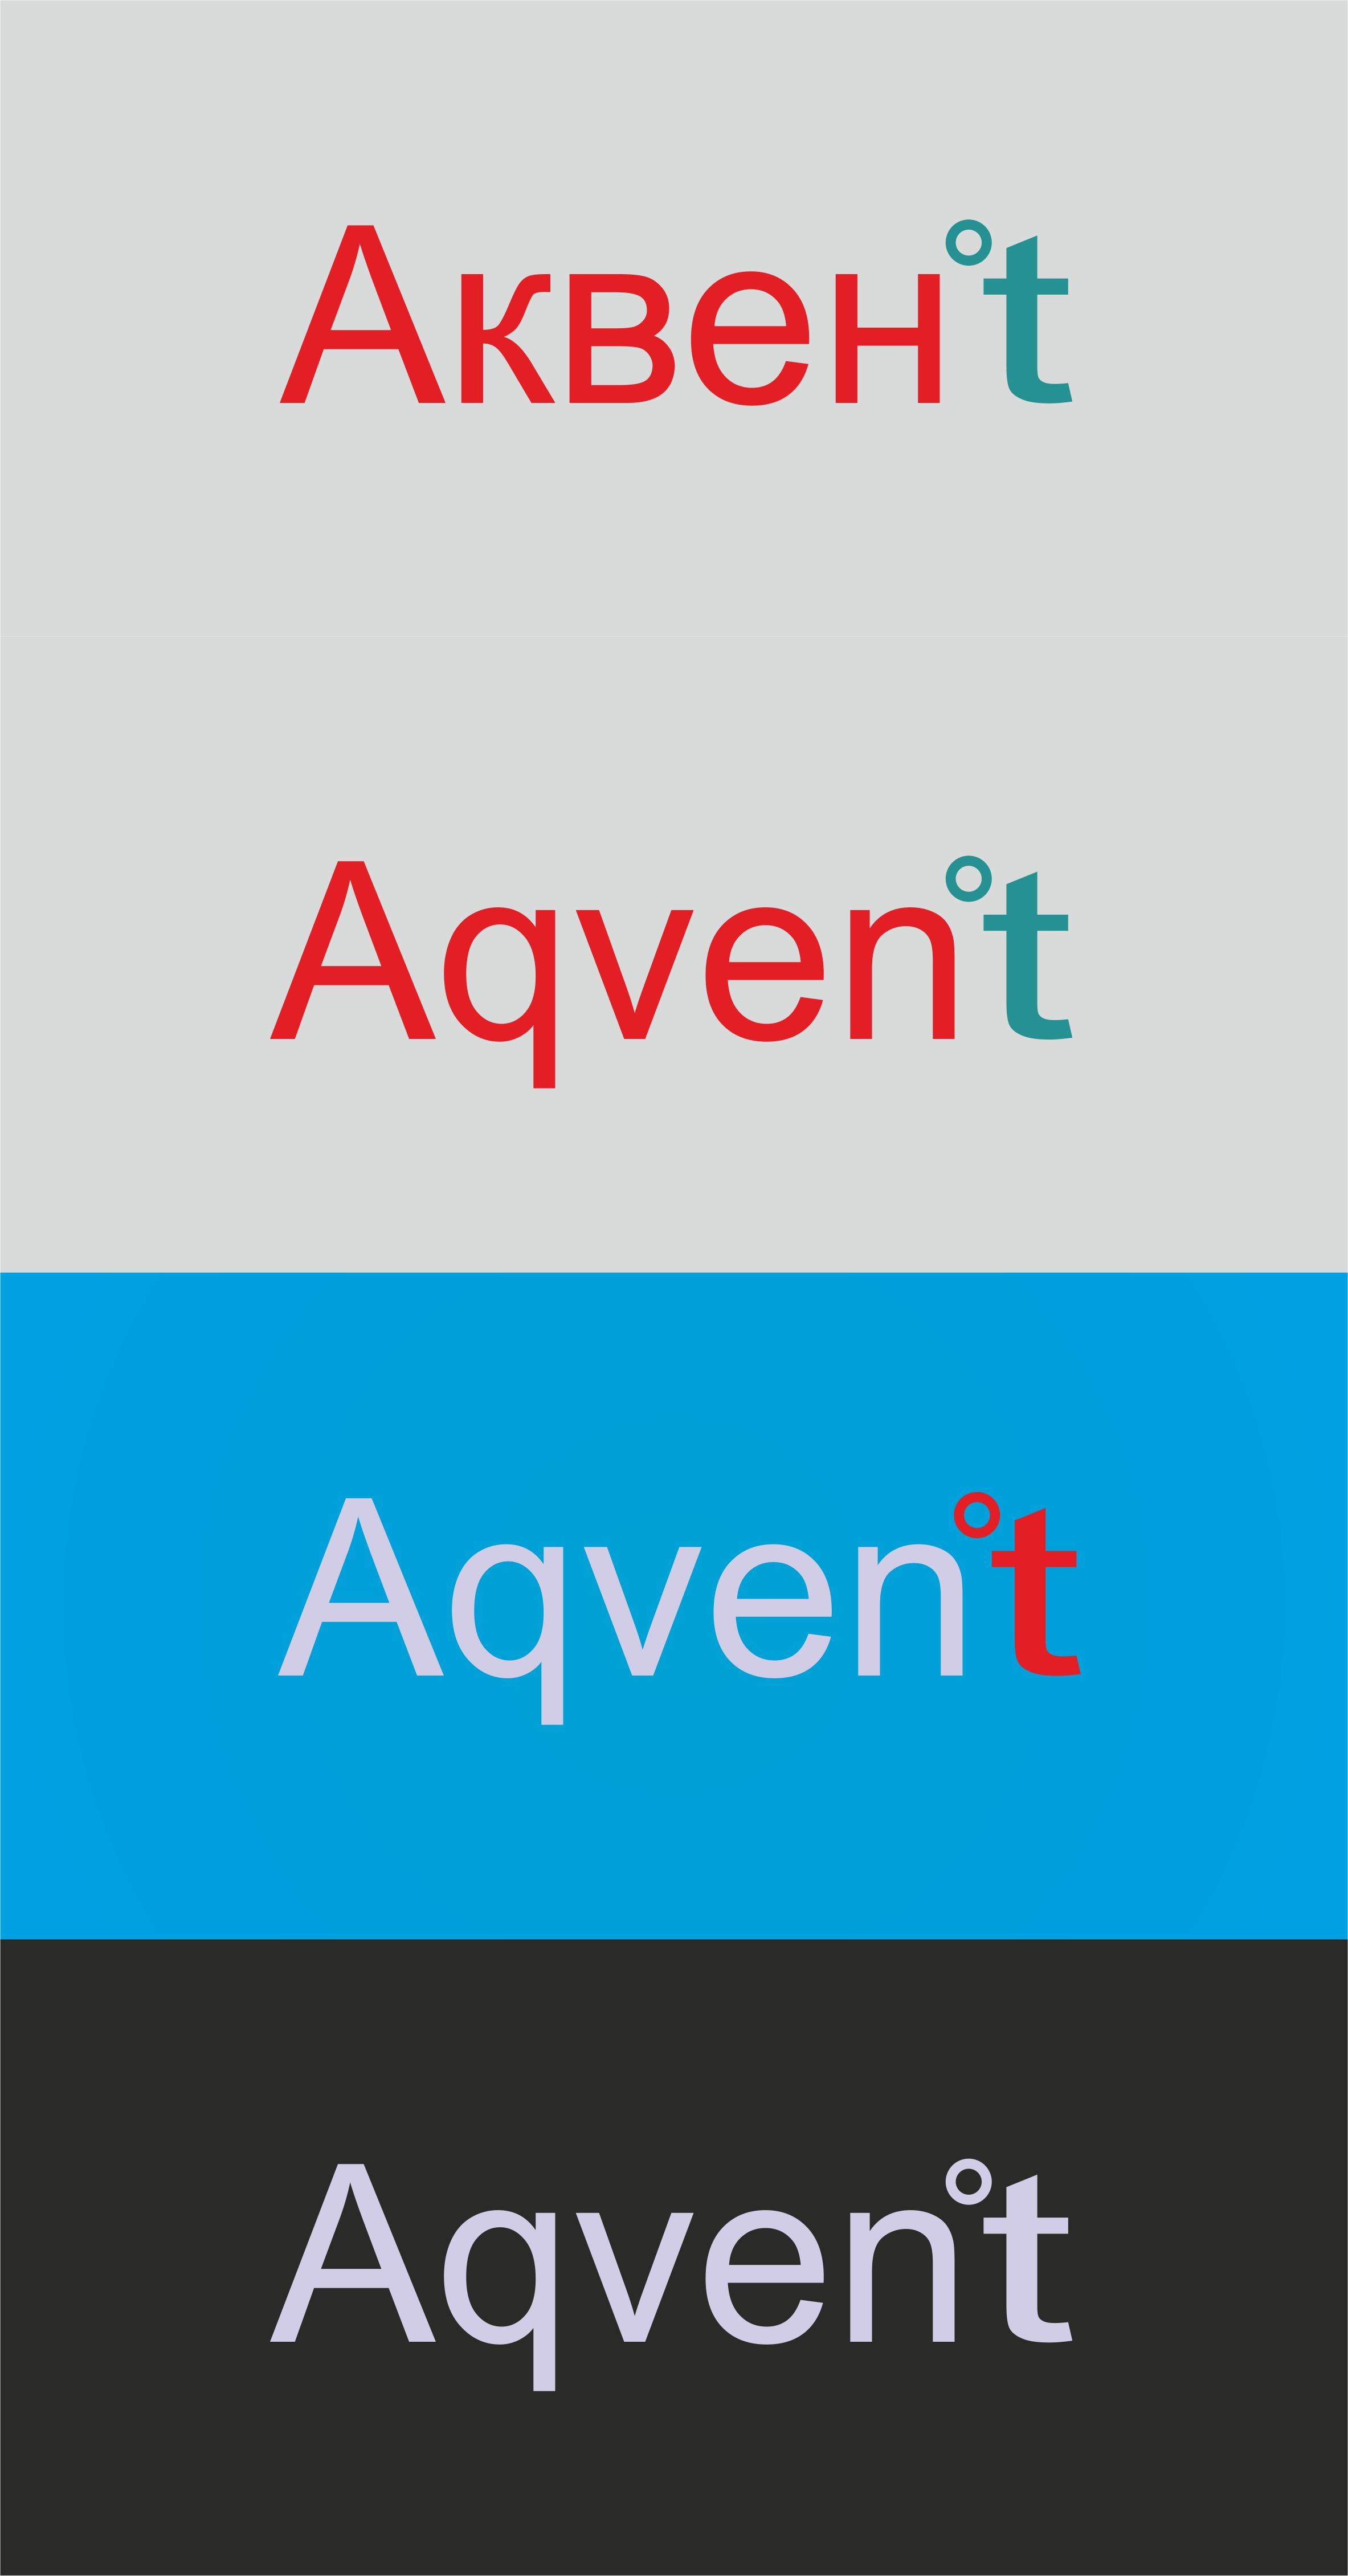 Логотип AQVENT фото f_857527b88c724a13.jpg